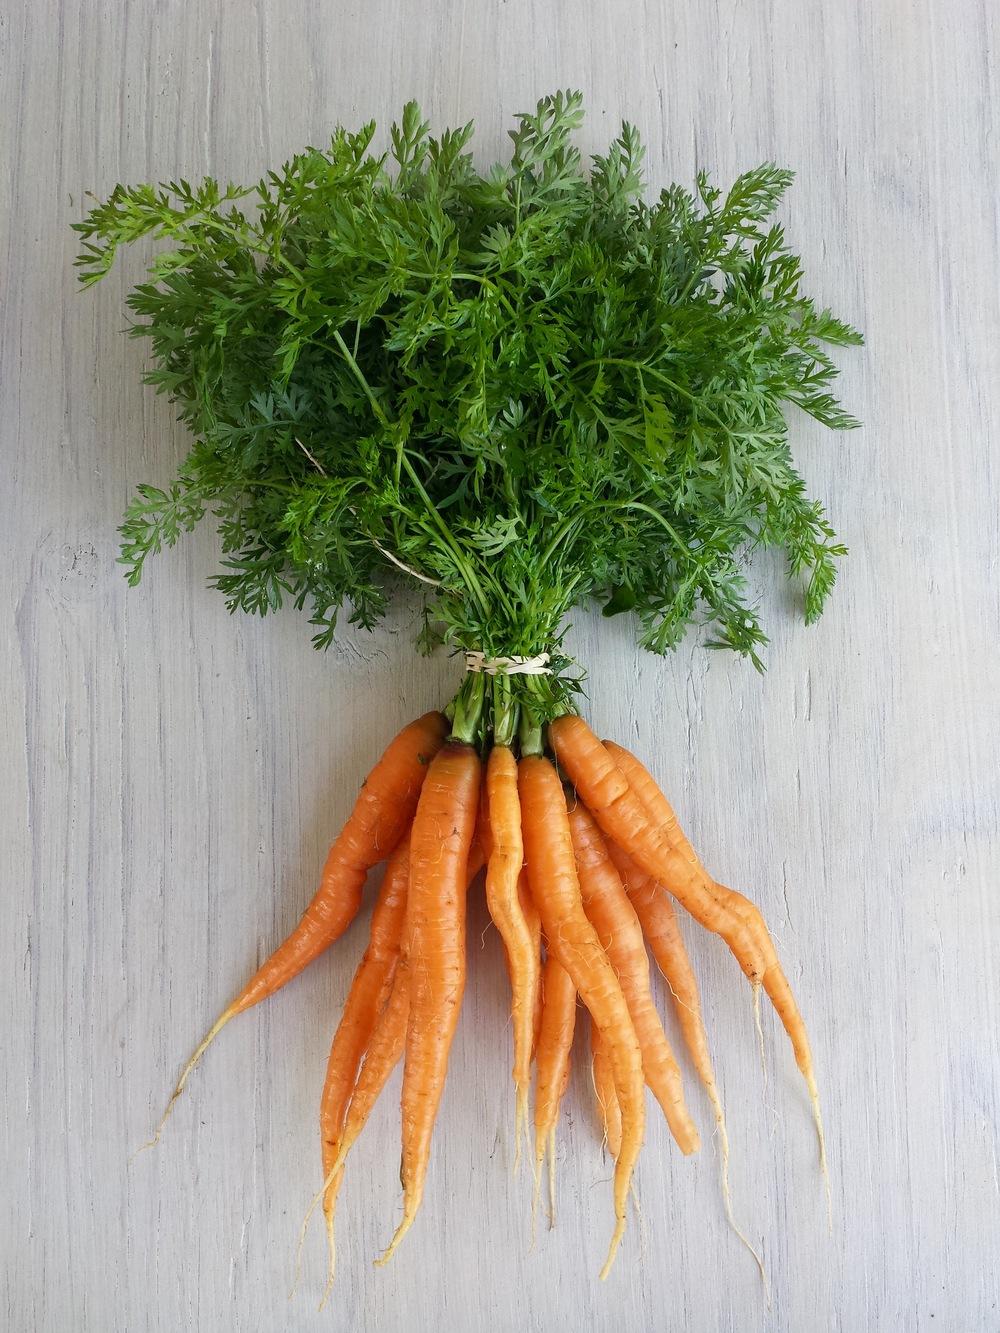 Mokum Carrots